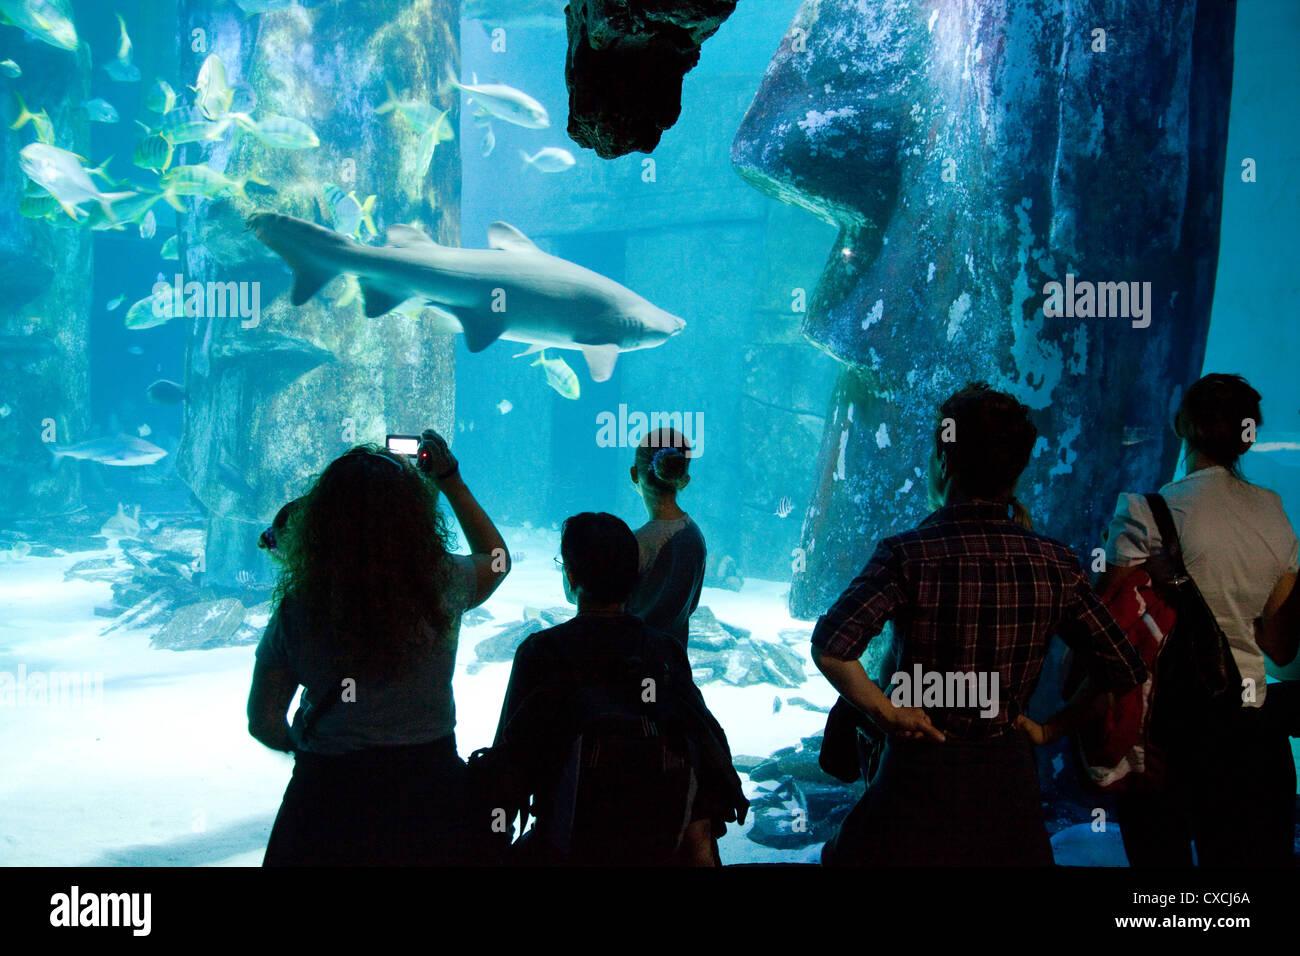 Les personnes à la recherche d'un requin, à Sea Life London Aquarium London, UK Photo Stock